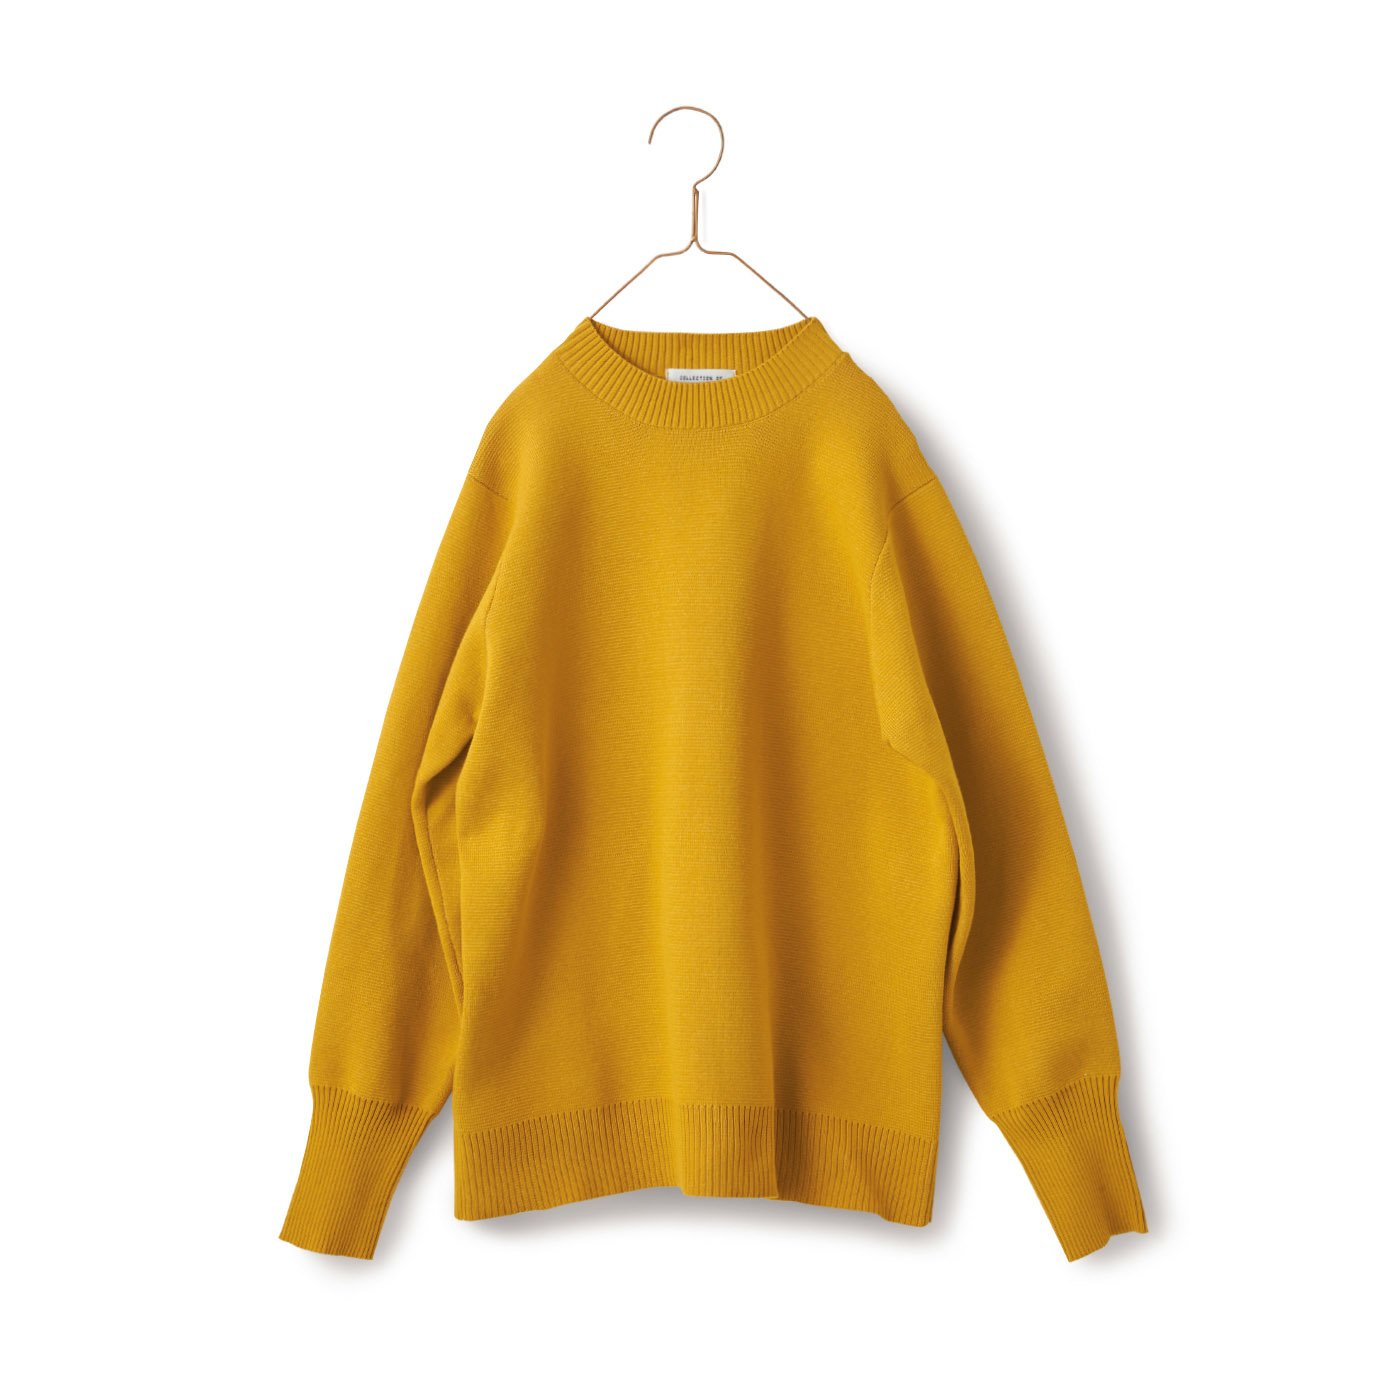 サニークラウズ 完熟きんかんセーター〈レディース〉